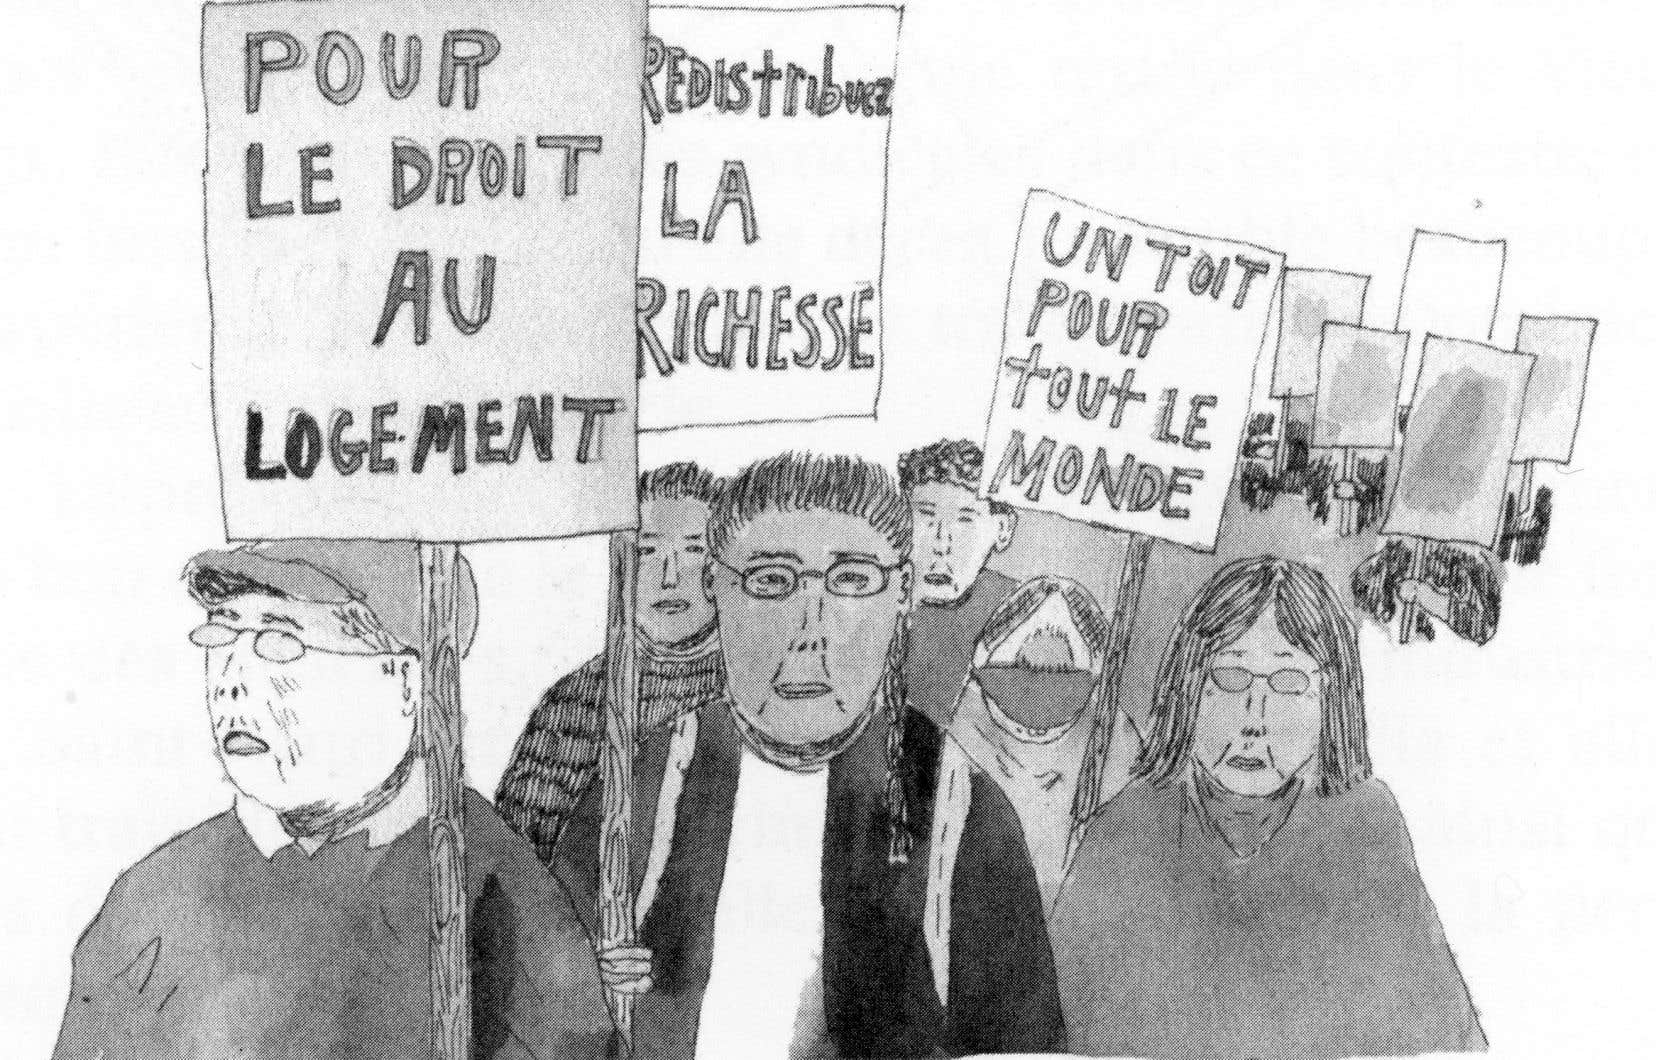 Les résidents du quartier Saint-Henri ont vécu le développement du capitalisme industriel canadien au XIXesiècle avant la désindustrialisation qui a saigné le secteur du sud-ouest entre 1951 et 1971. La construction récente de milliers d'appartements en copropriété vient encore bousculer la vie de la population d'origine de l'arrondissement du Sud-Ouest. C'est ce que raconte le balado «Parlons violence» du Centre d'histoire orale et de récits numérisés de l'Université Concordia.